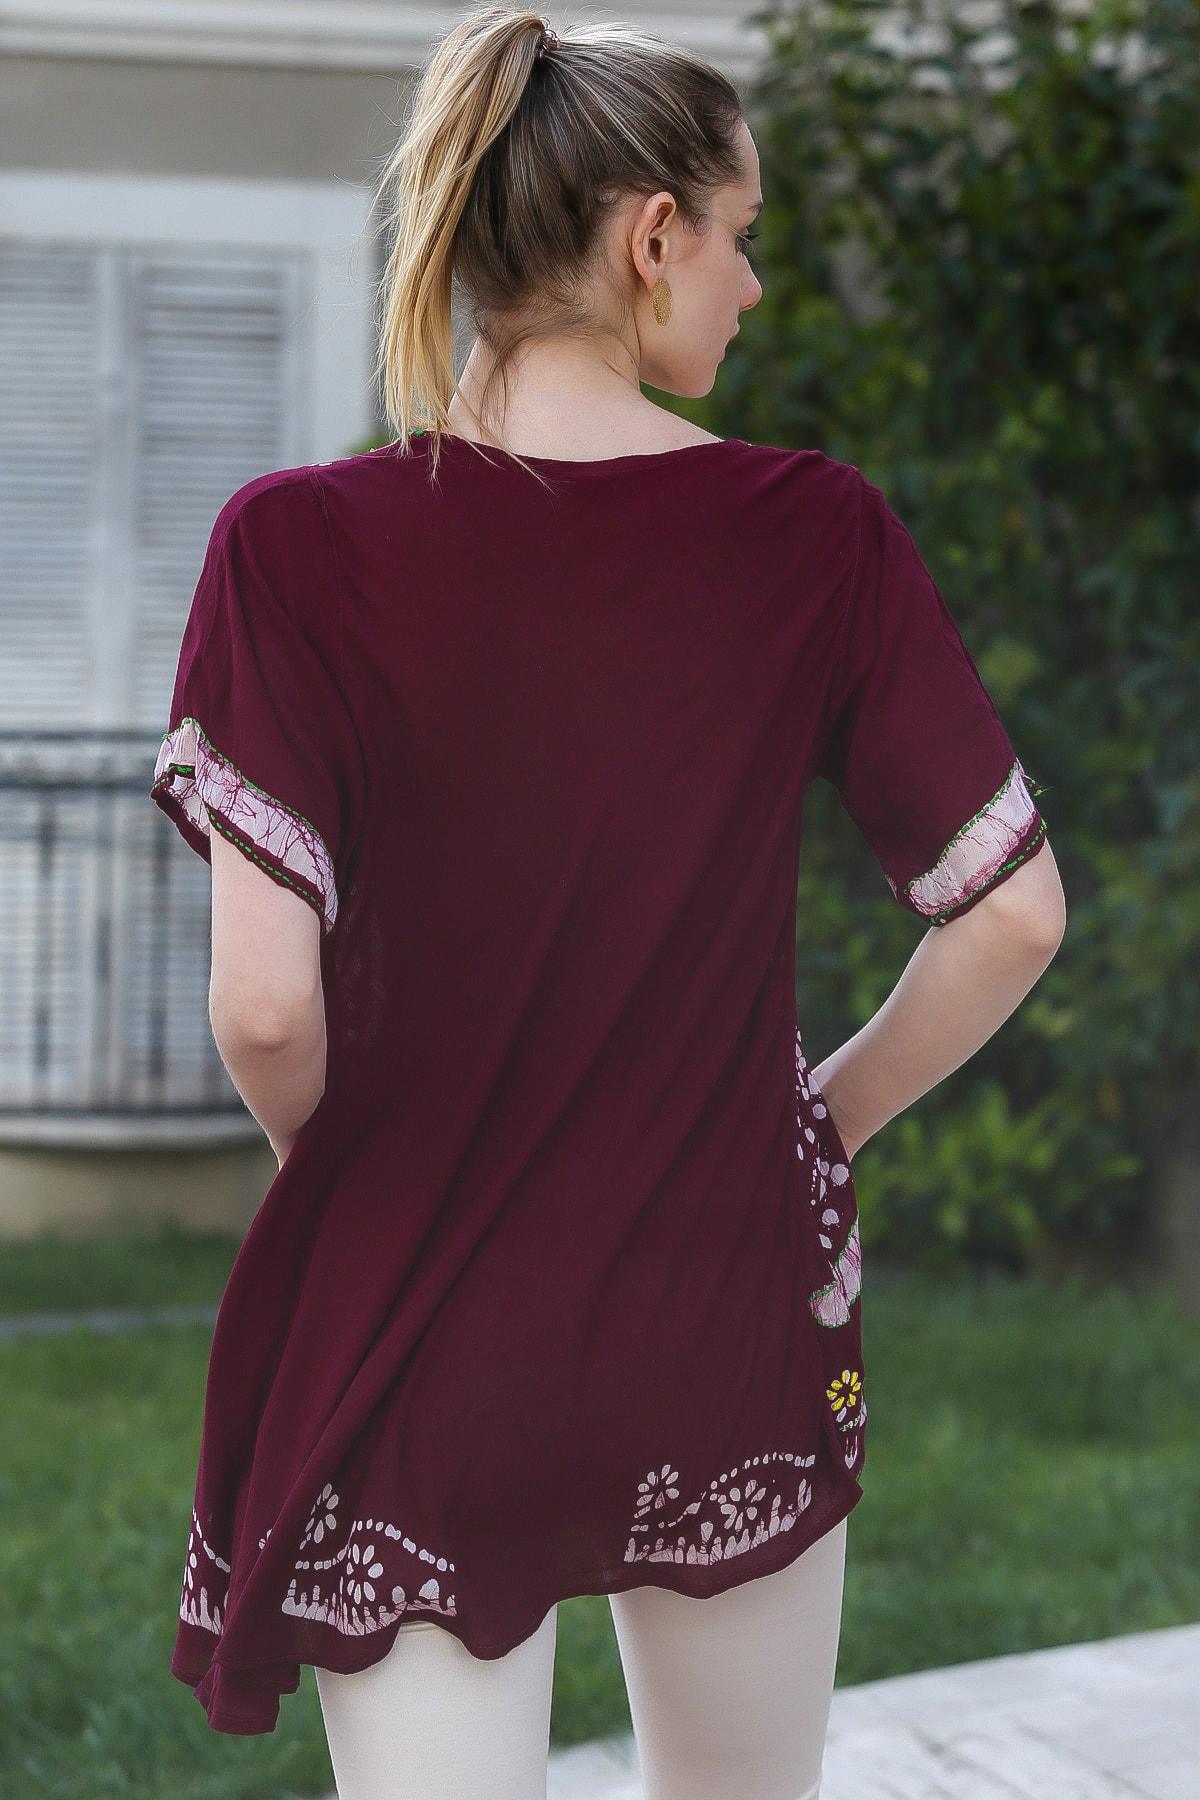 Chiccy Kadın Mürdüm U Yaka Çiçek Nakışlı Batik Desenli Salaş Tunik Bluz M10010200BL95380 3